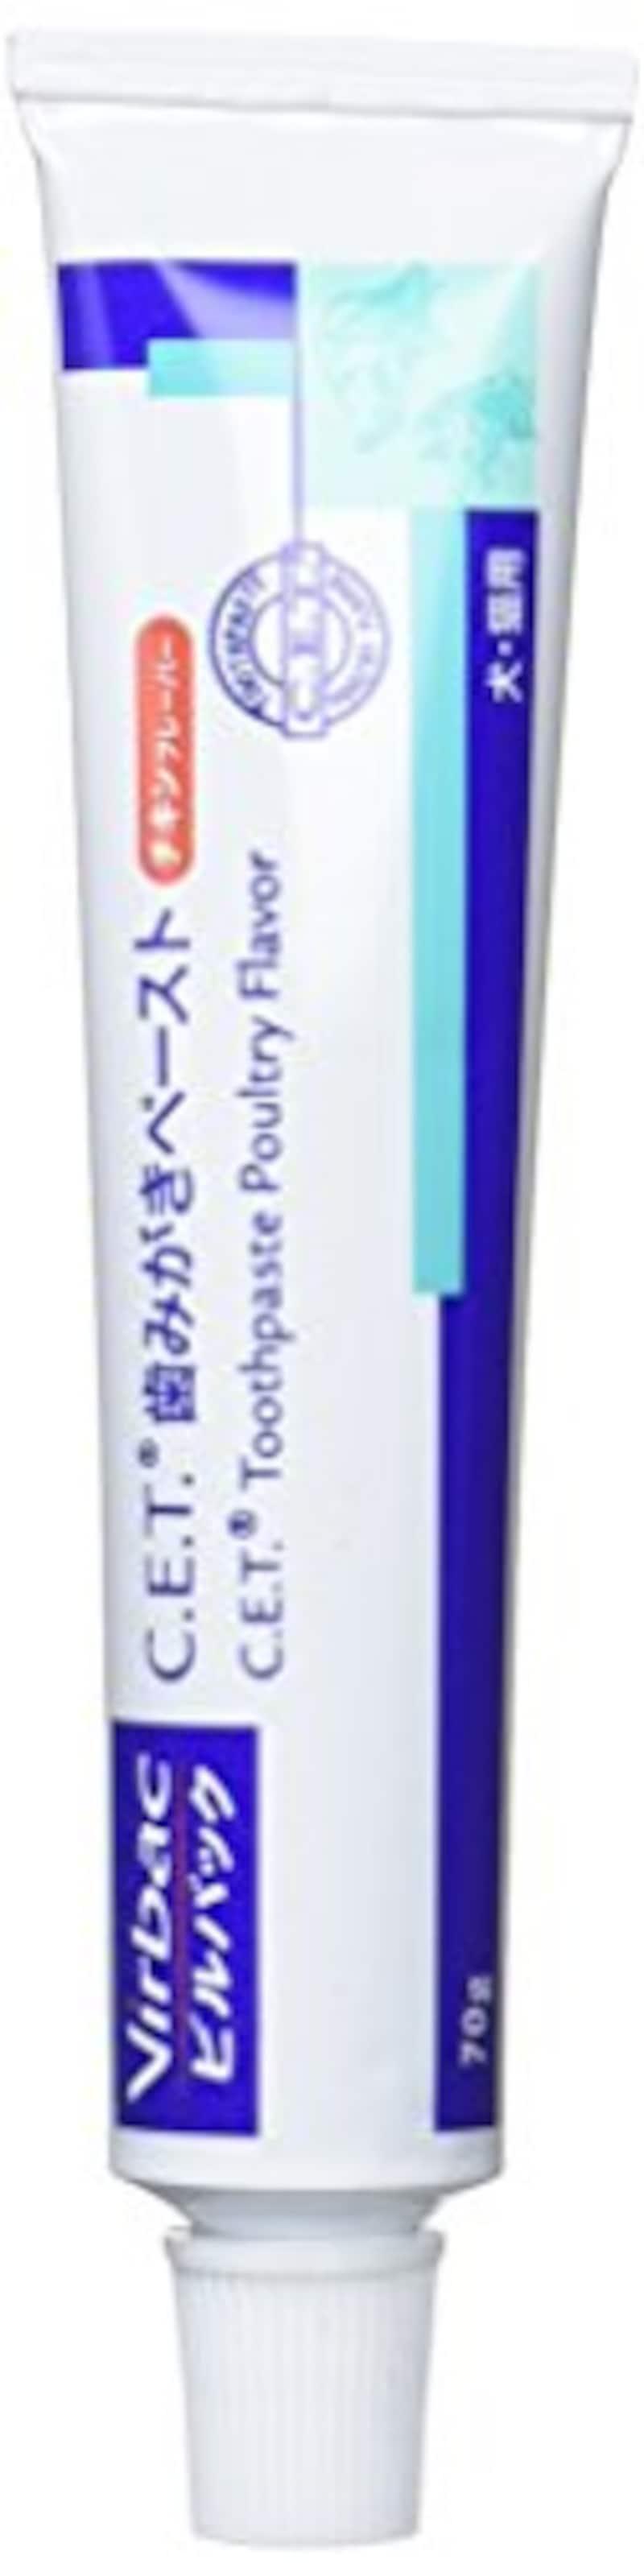 ビルバック (Virbac),酵素入り歯みがきペーストチキンフレーバー